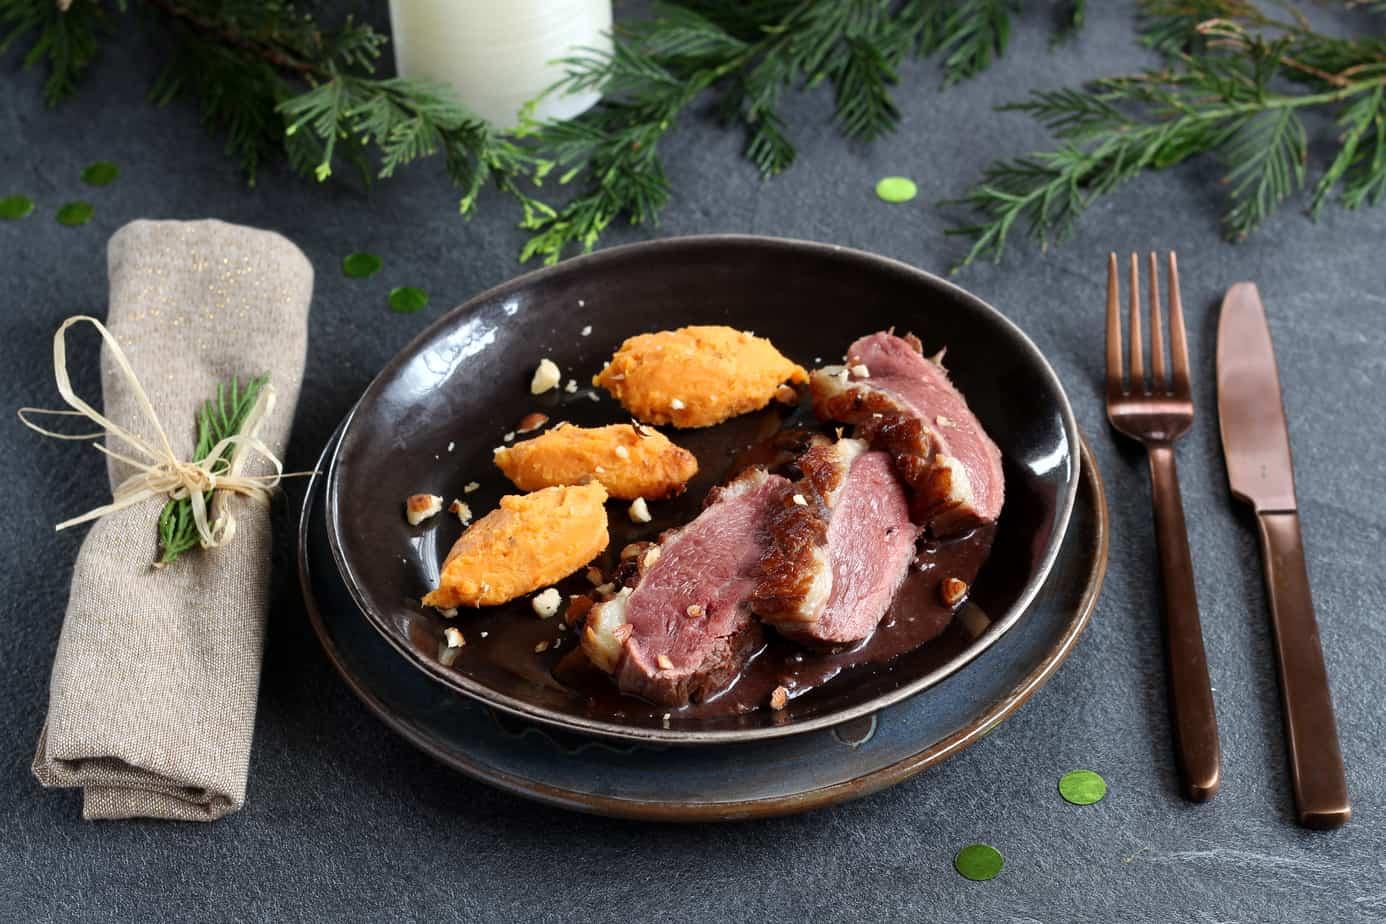 Magret de canard, sauce cacao et purée de patates douces - 750G - CIFOG / ADOCOM-RP